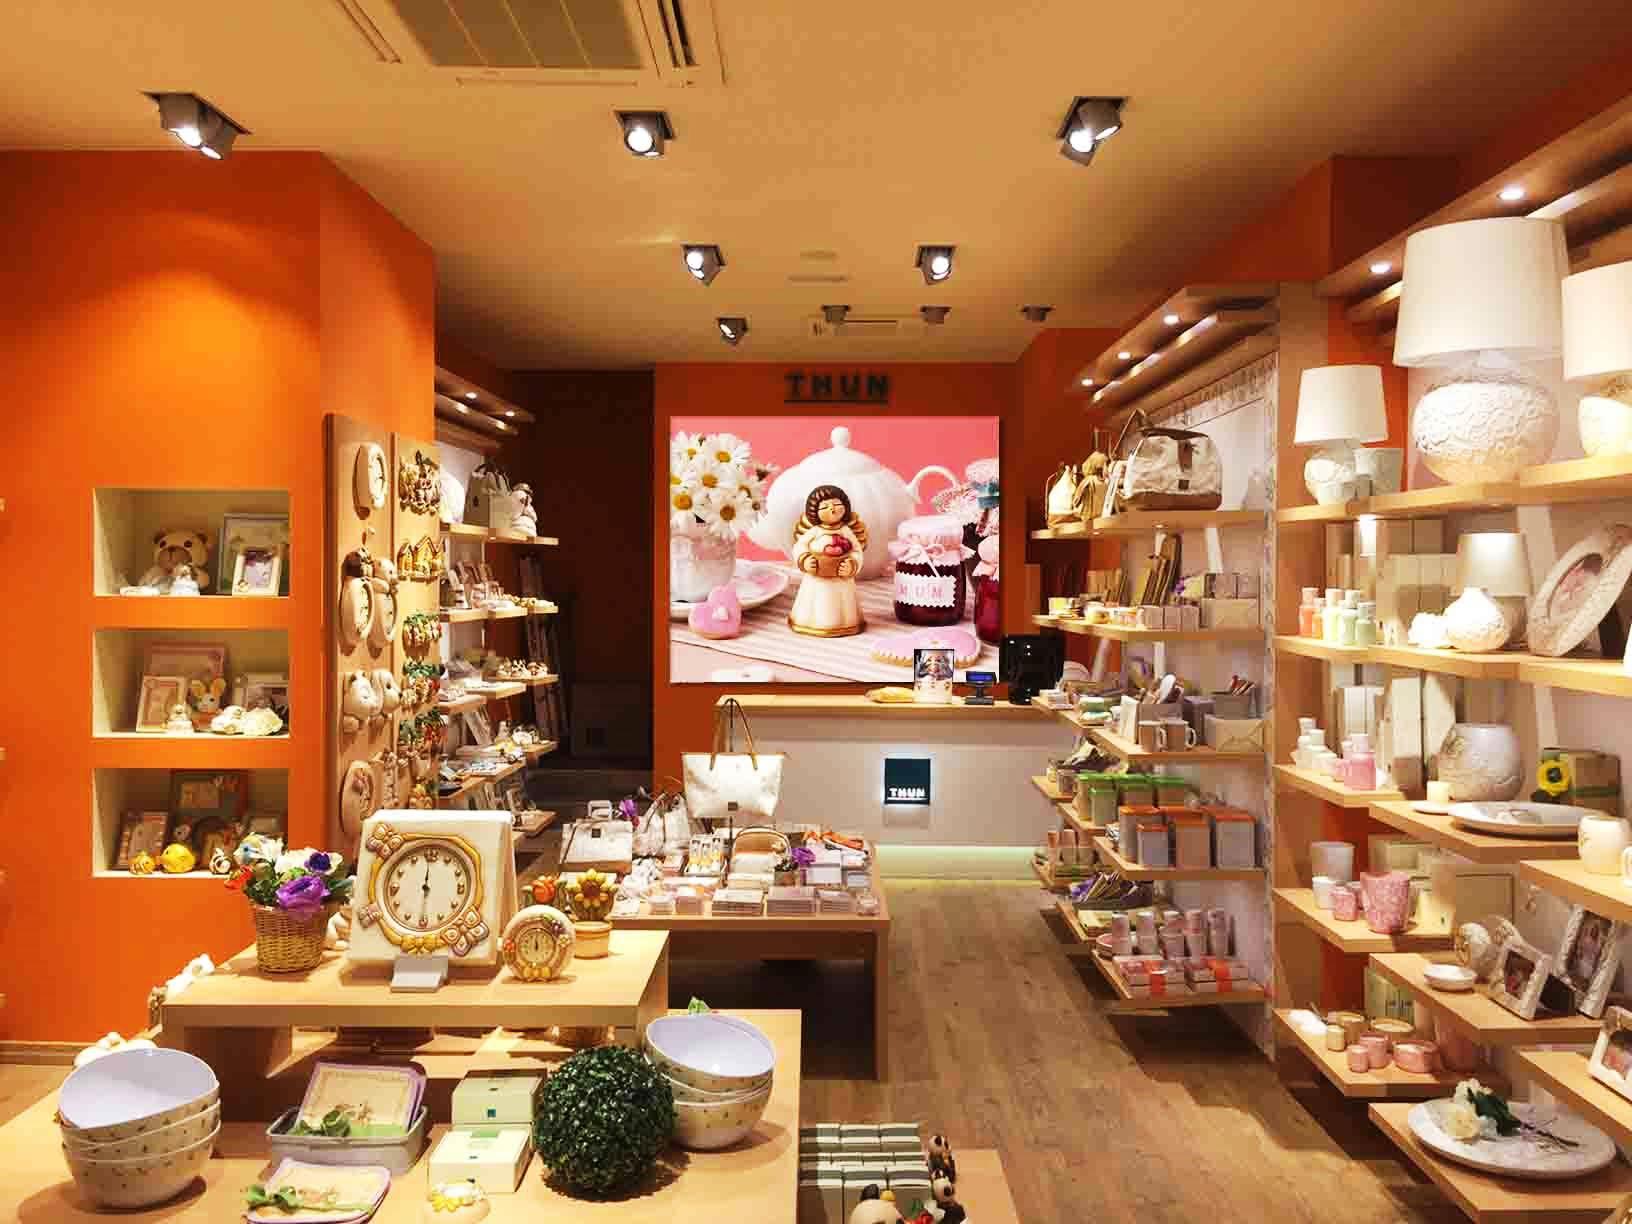 Nuovo thun shop a torino buongiorno online